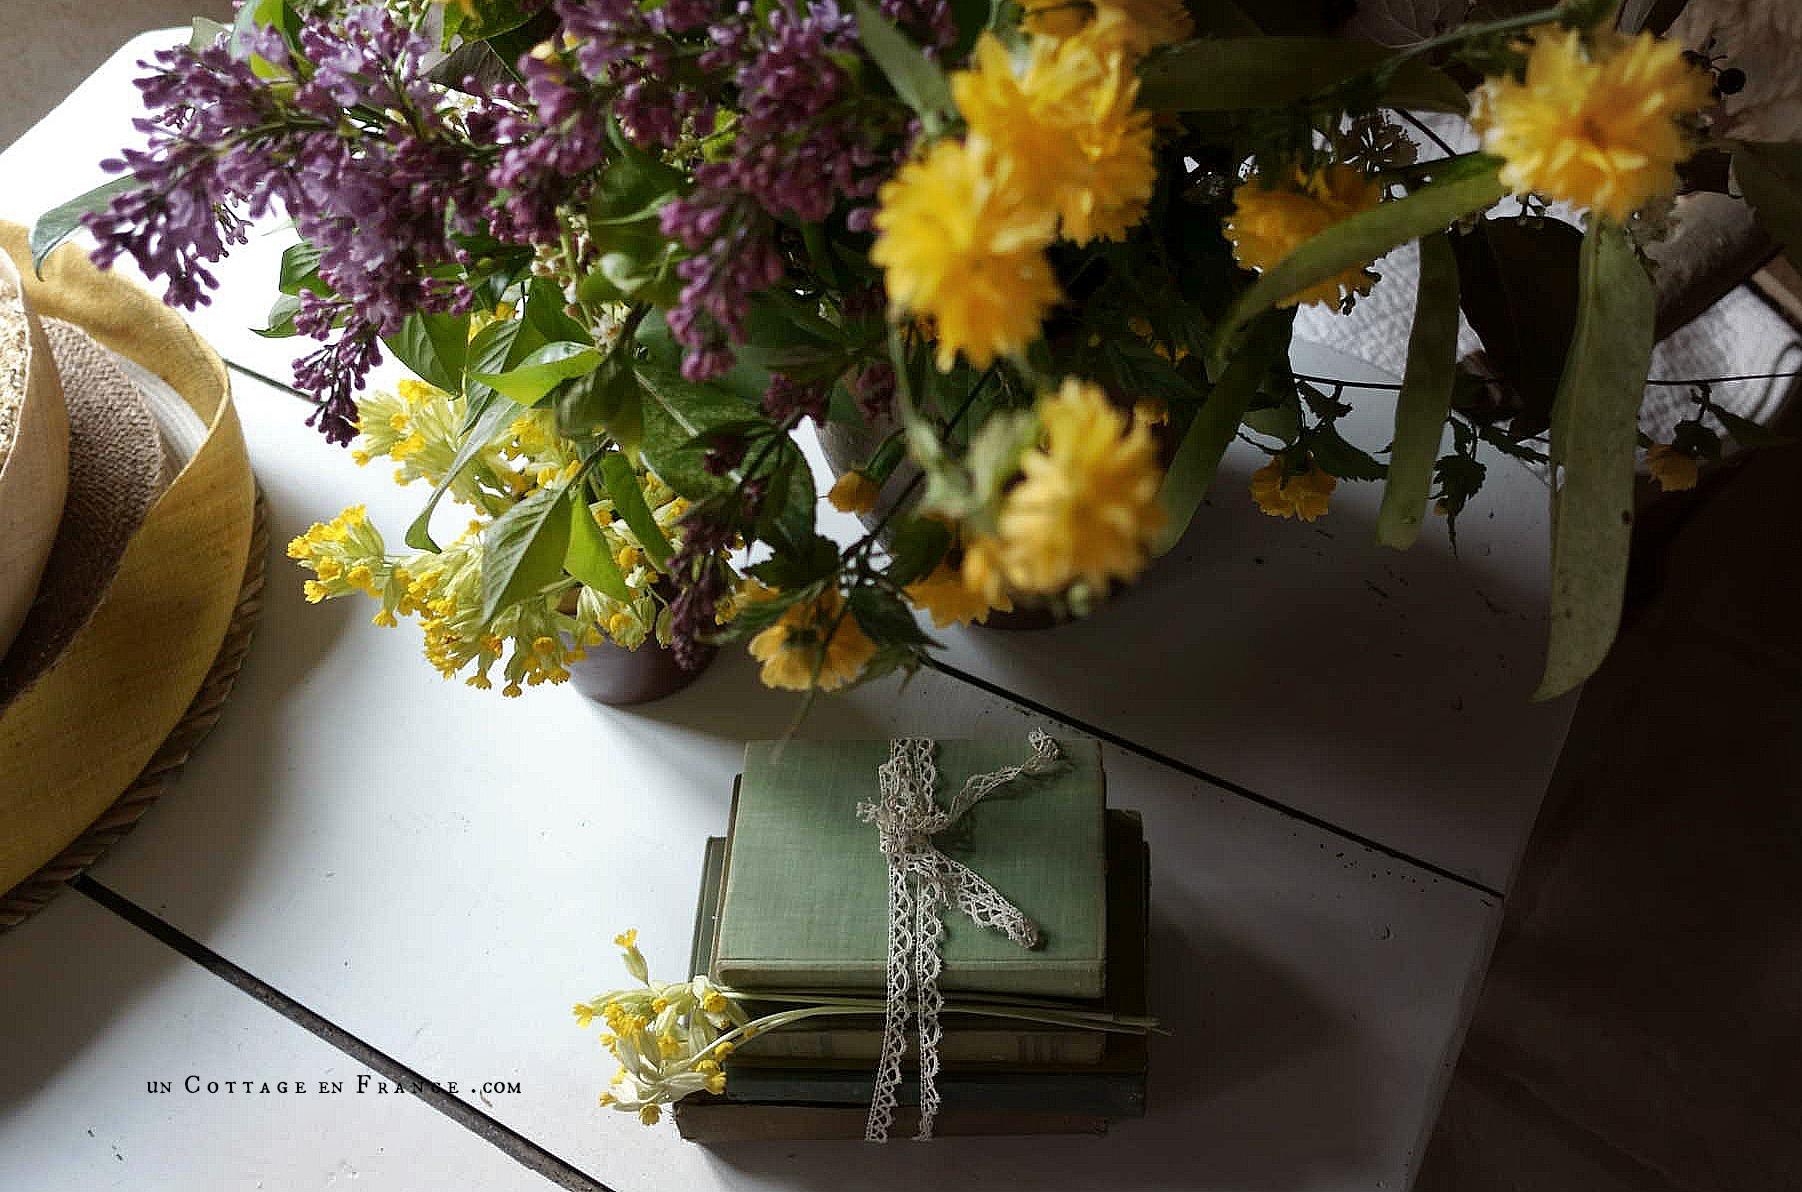 Le bouquet d'avril violet et jaune décoration campagne chic 6